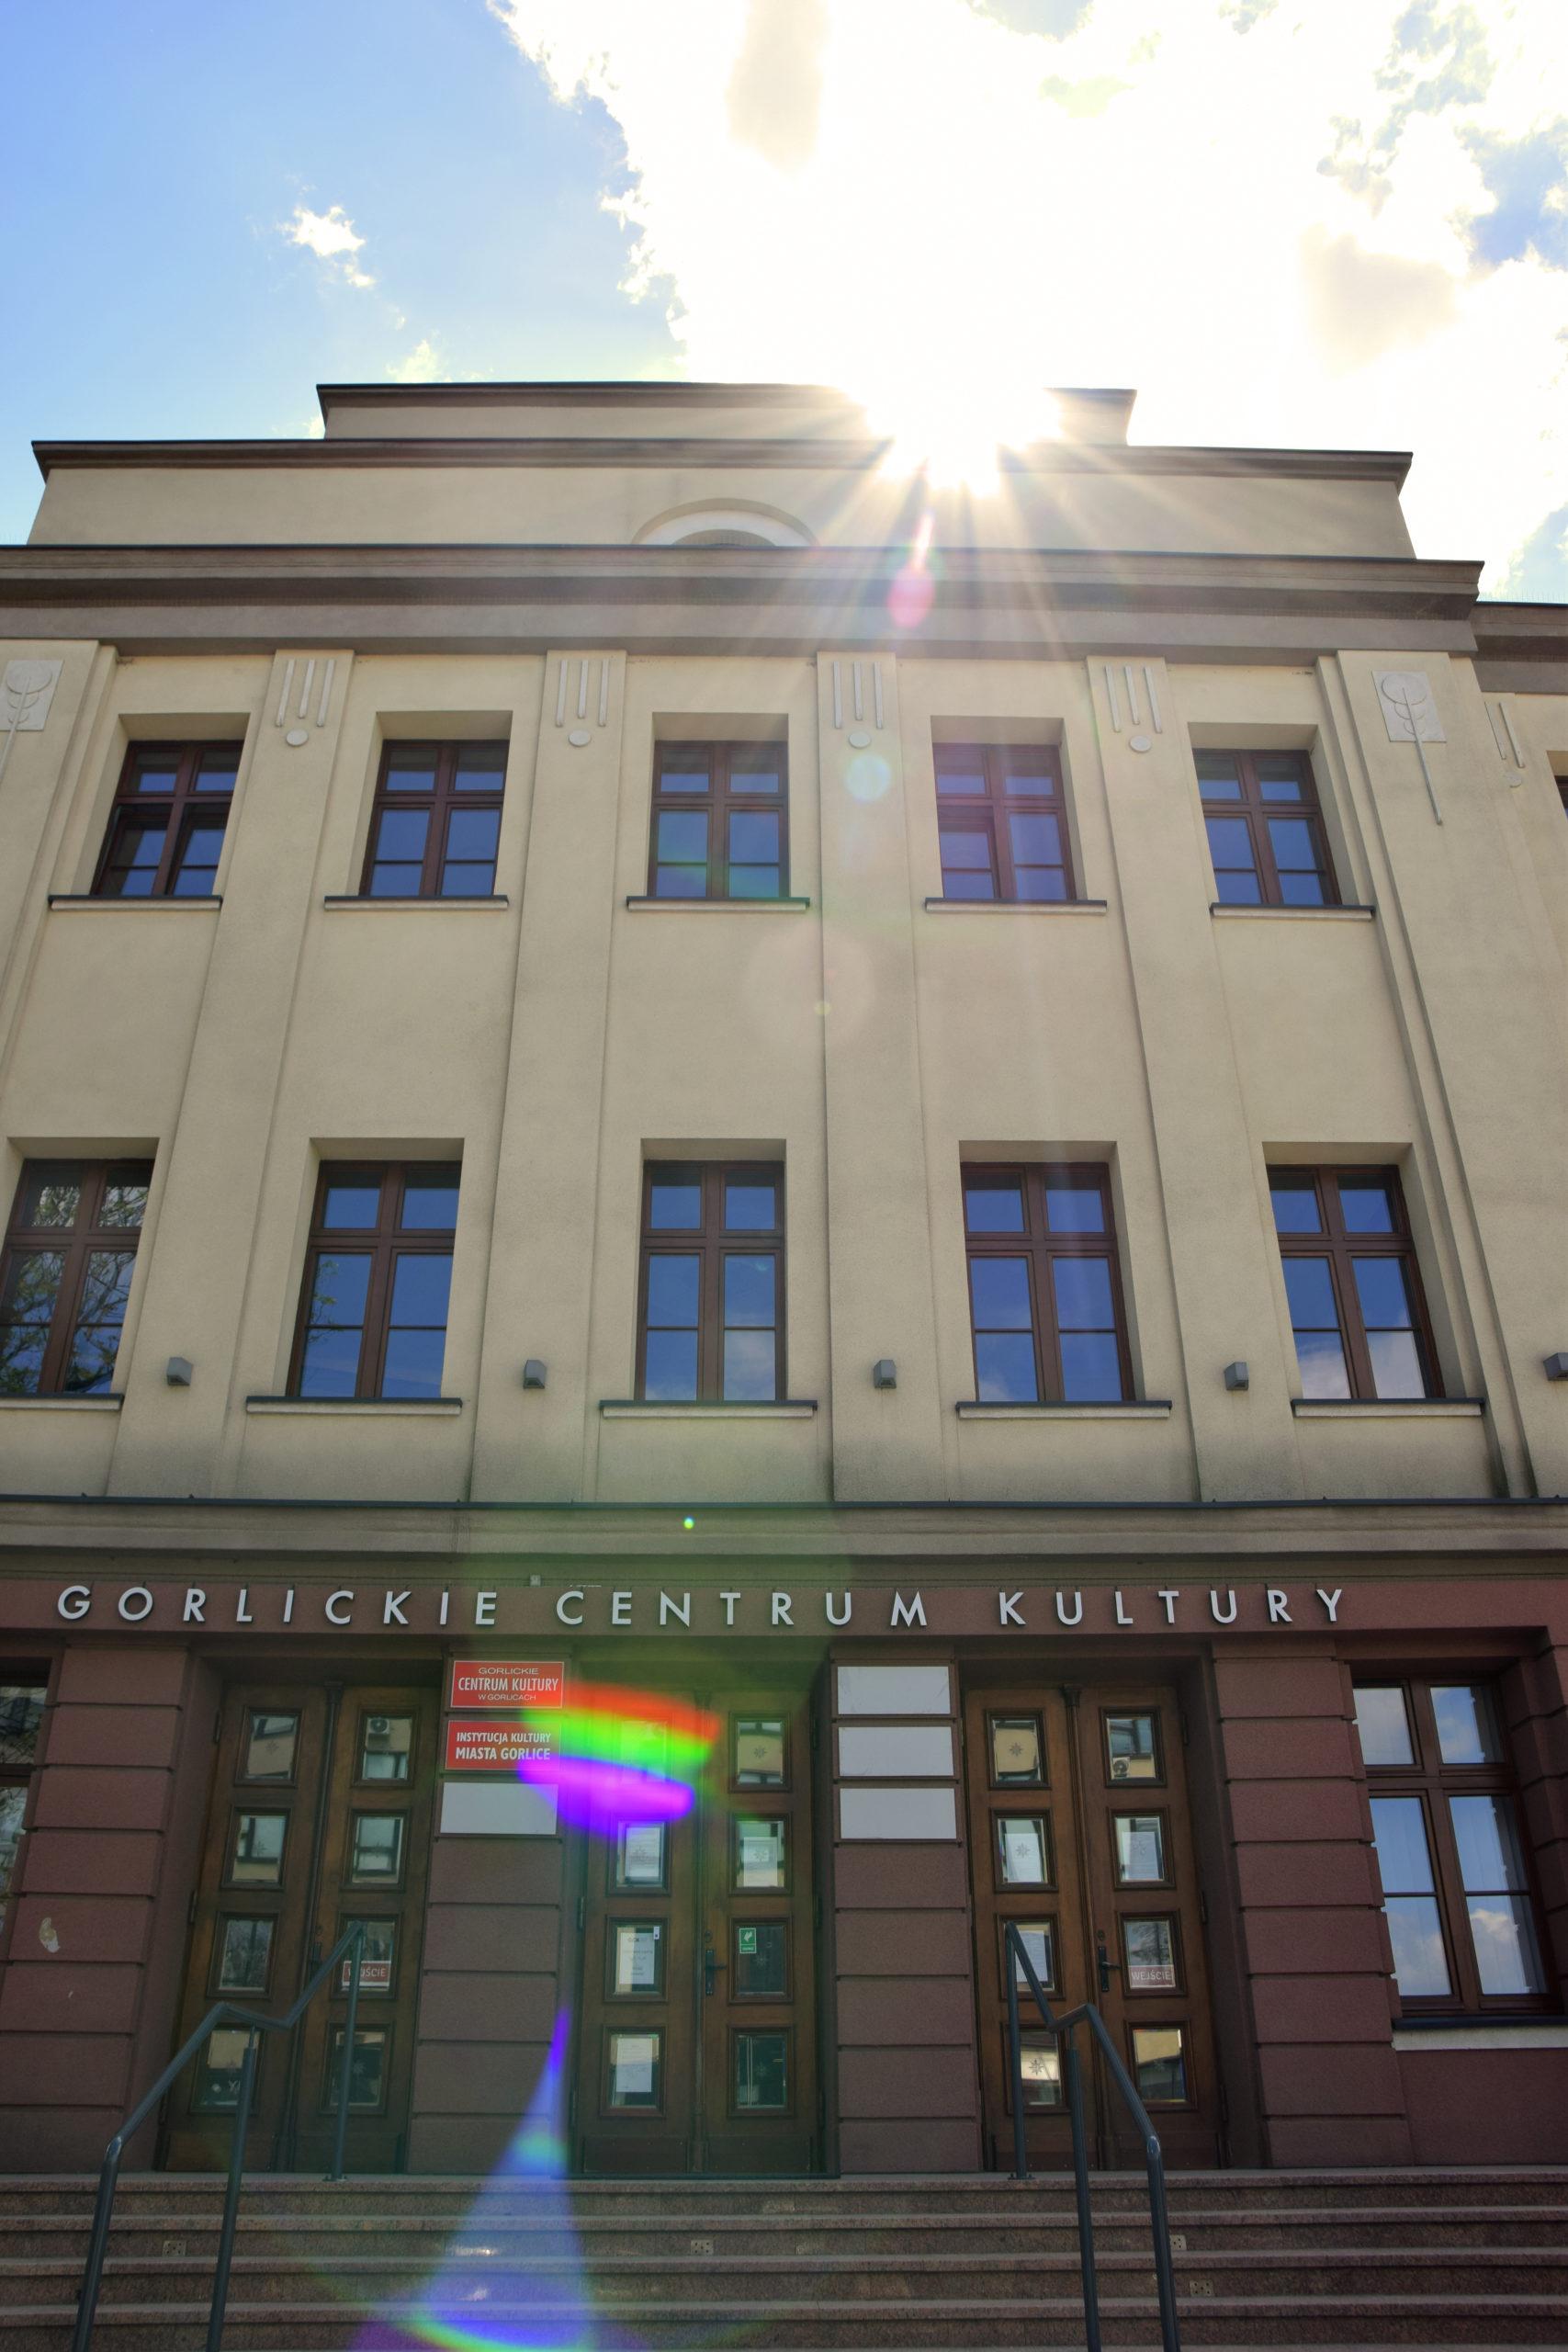 Zdjęcie ilustrujące front Gorlickiego Centrum Kultury.